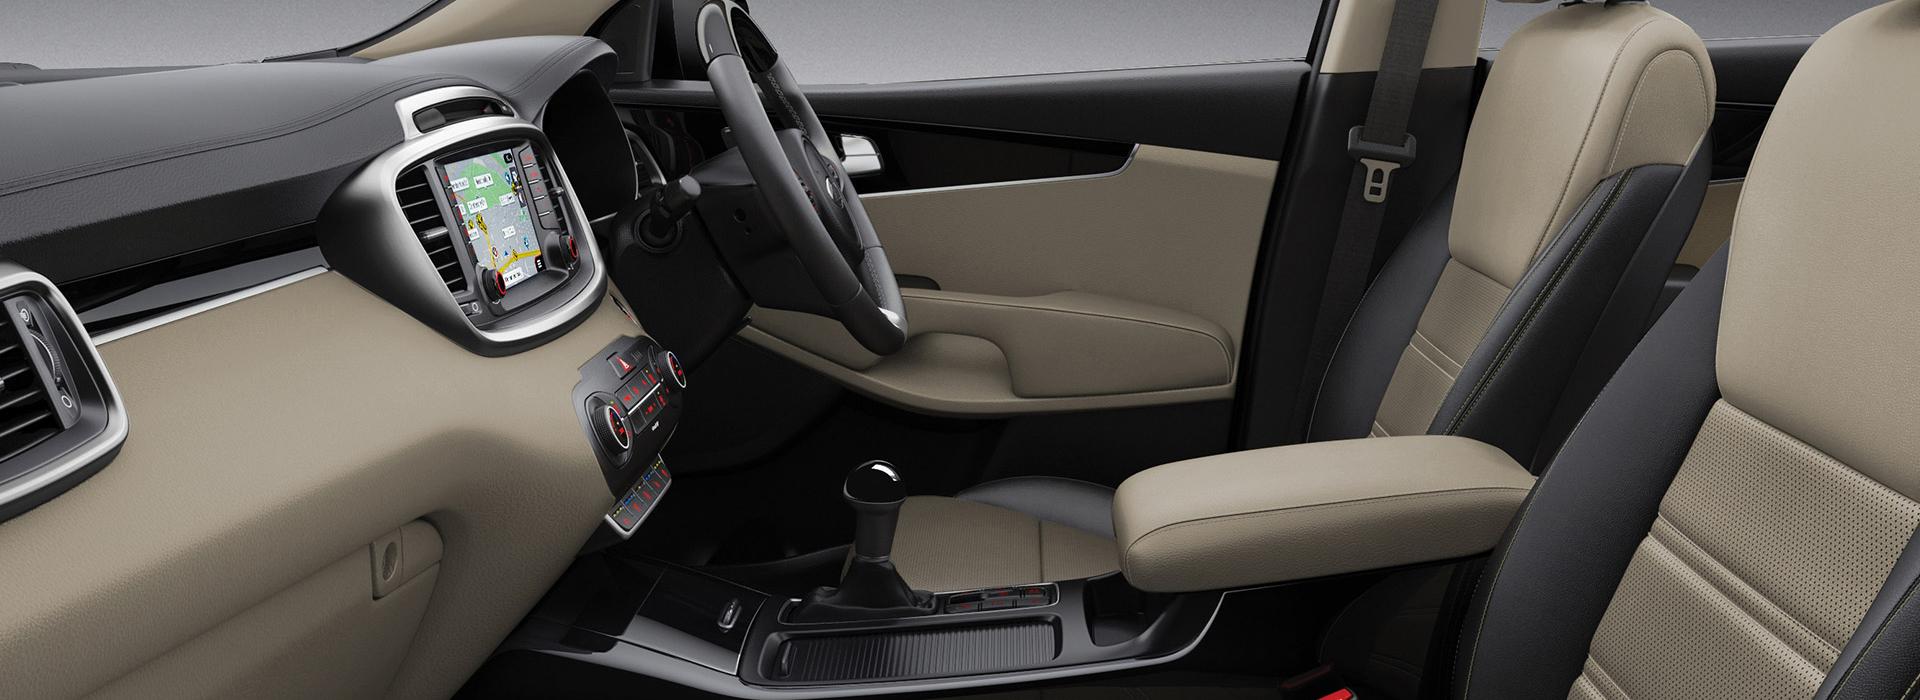 New Kia Sorento For Sale In Cessnock Hunter Valley